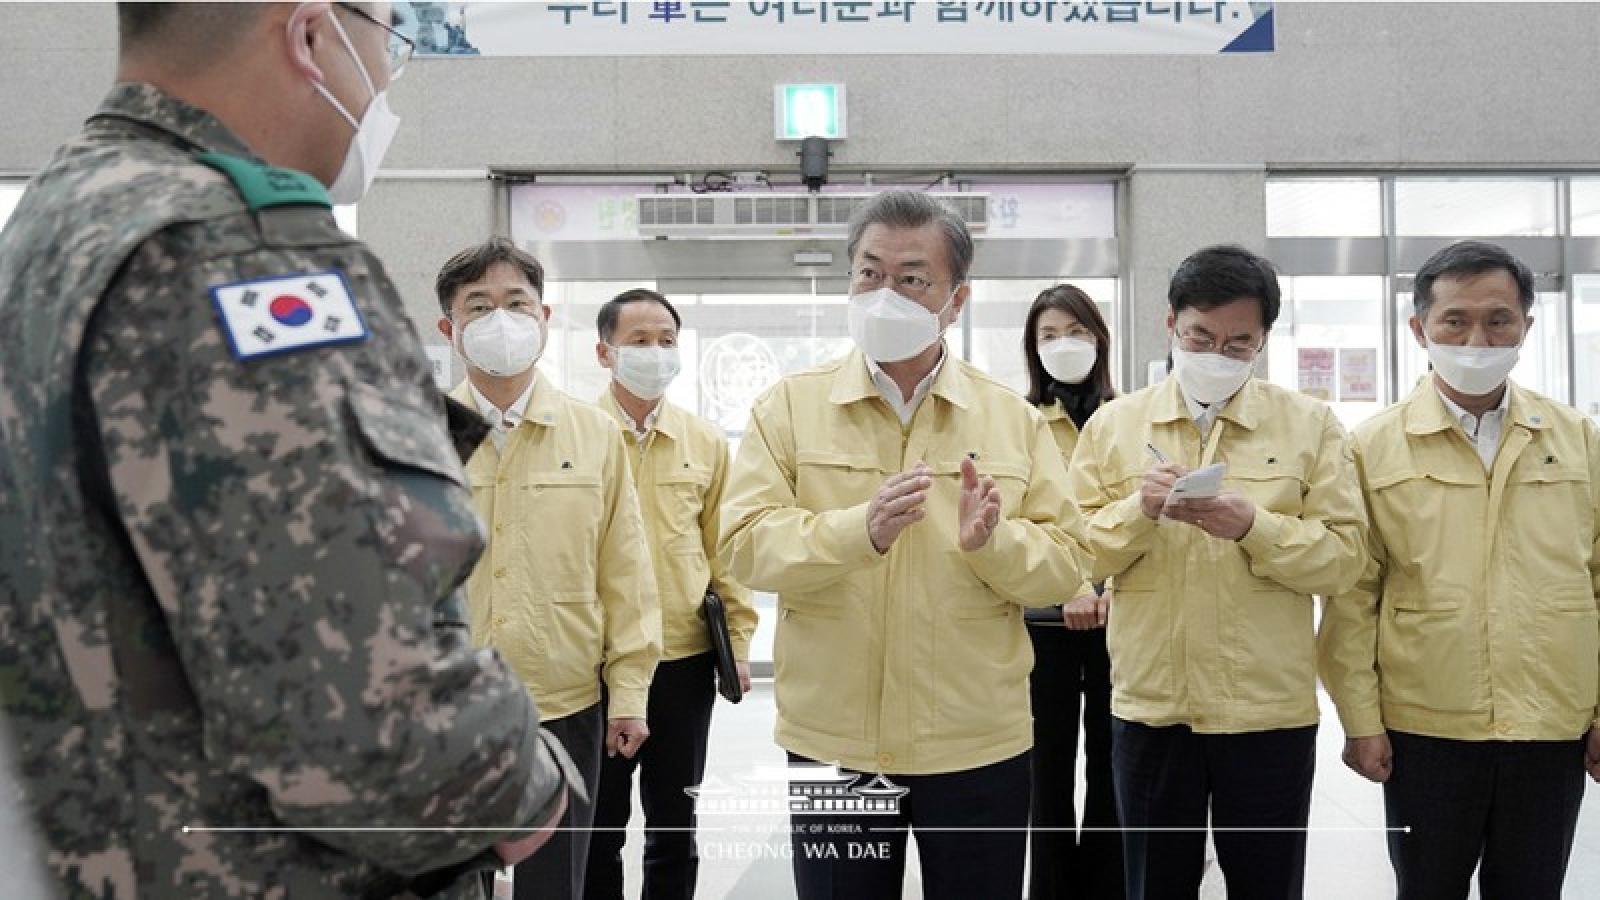 Hàn Quốc tăng hạn mức mua khẩu trang, chuẩn bị mở trường trở lại